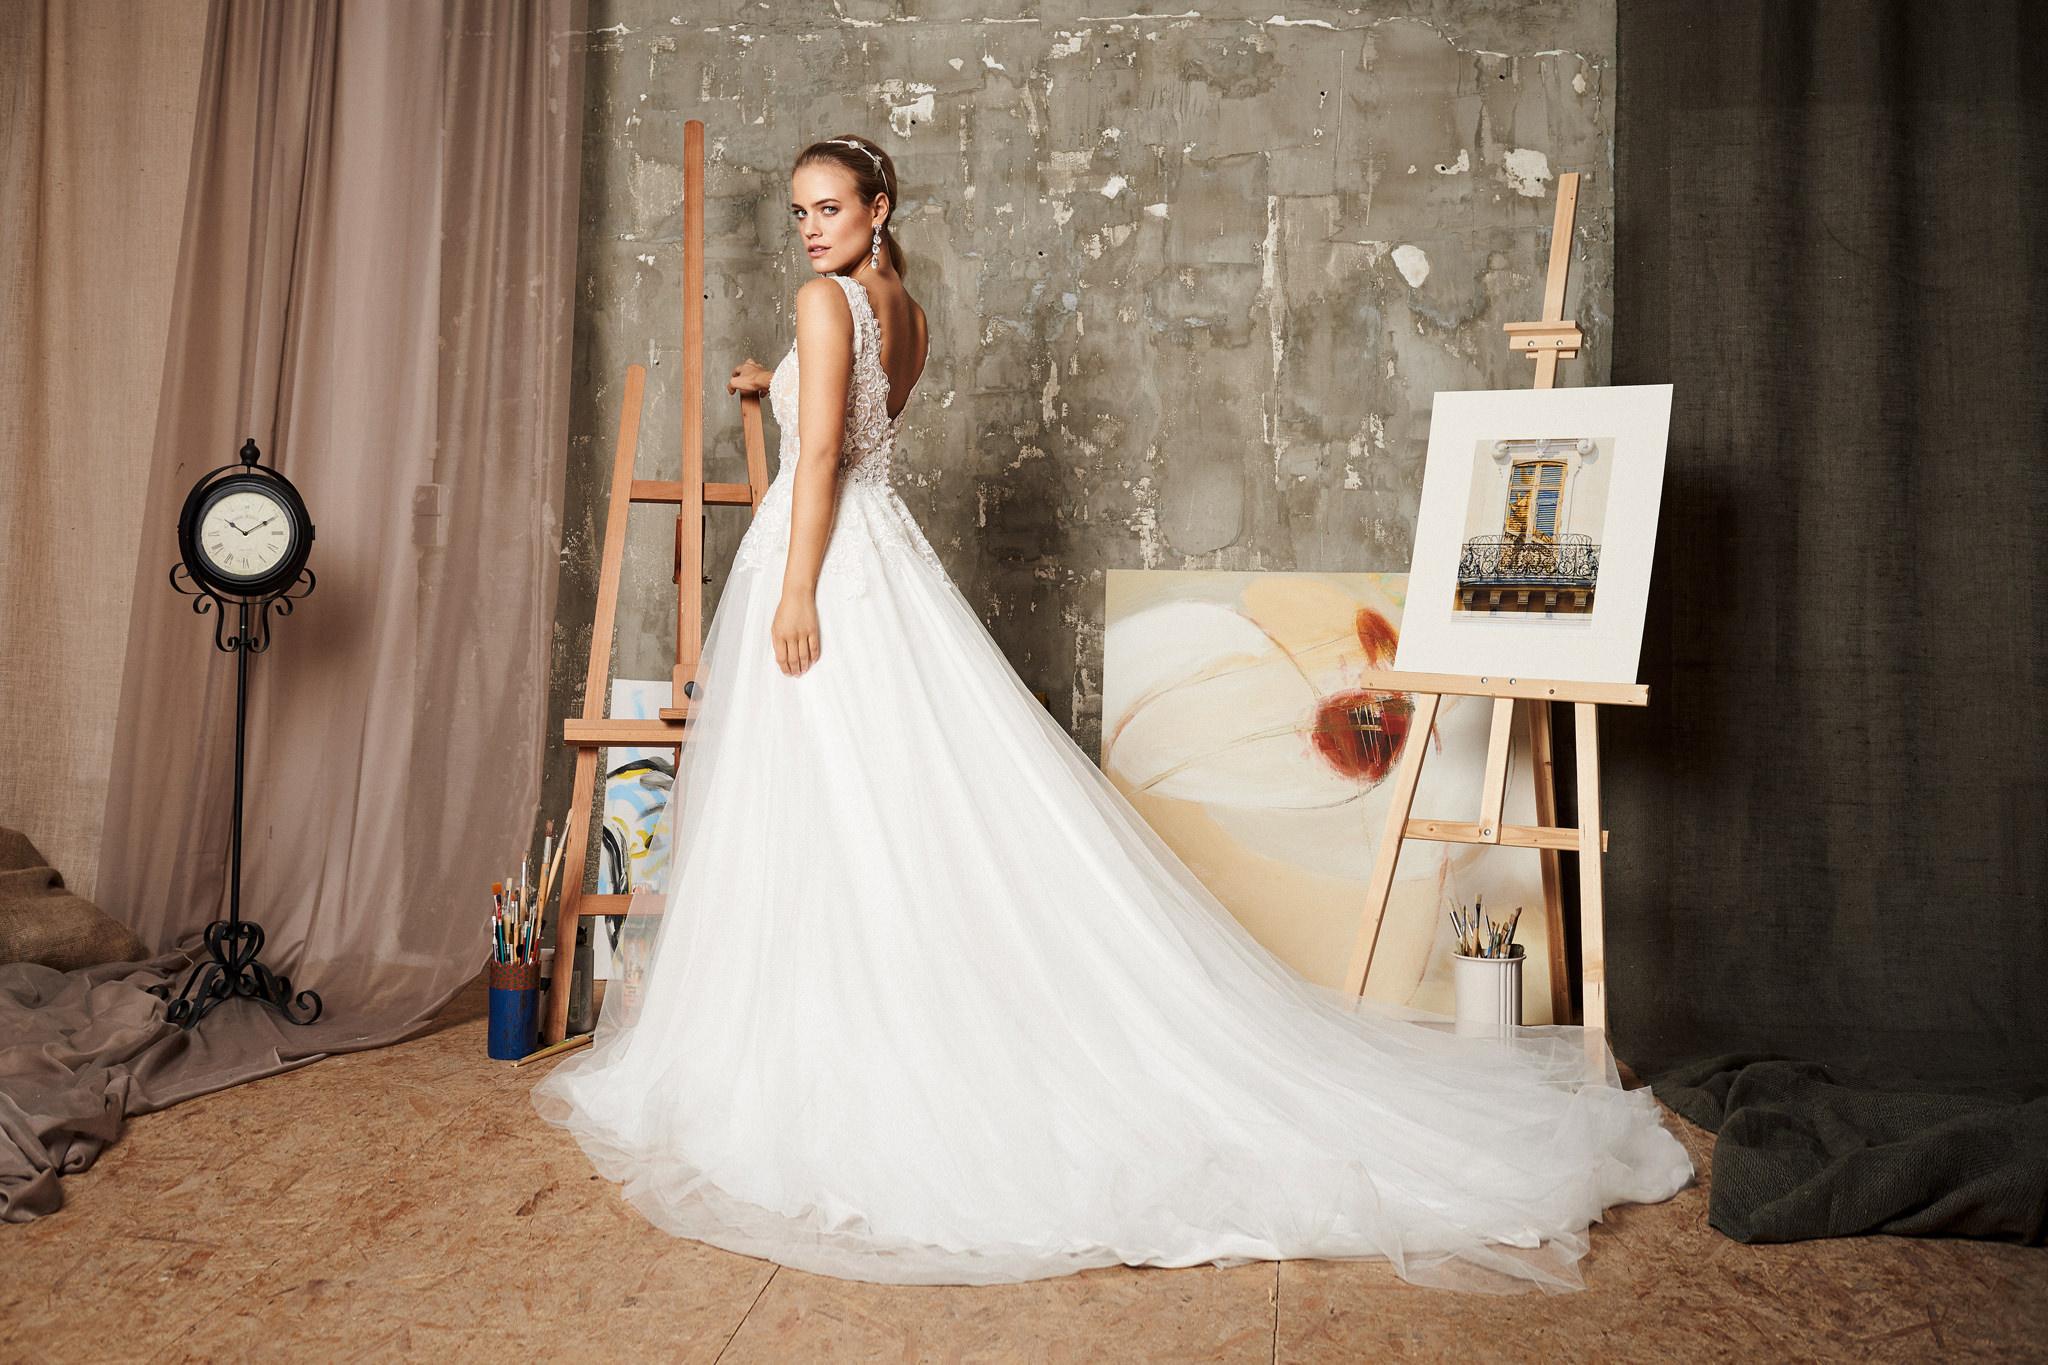 Ziemlich Liz Felder Brautkleider Fotos - Hochzeit Kleid Stile Ideen ...